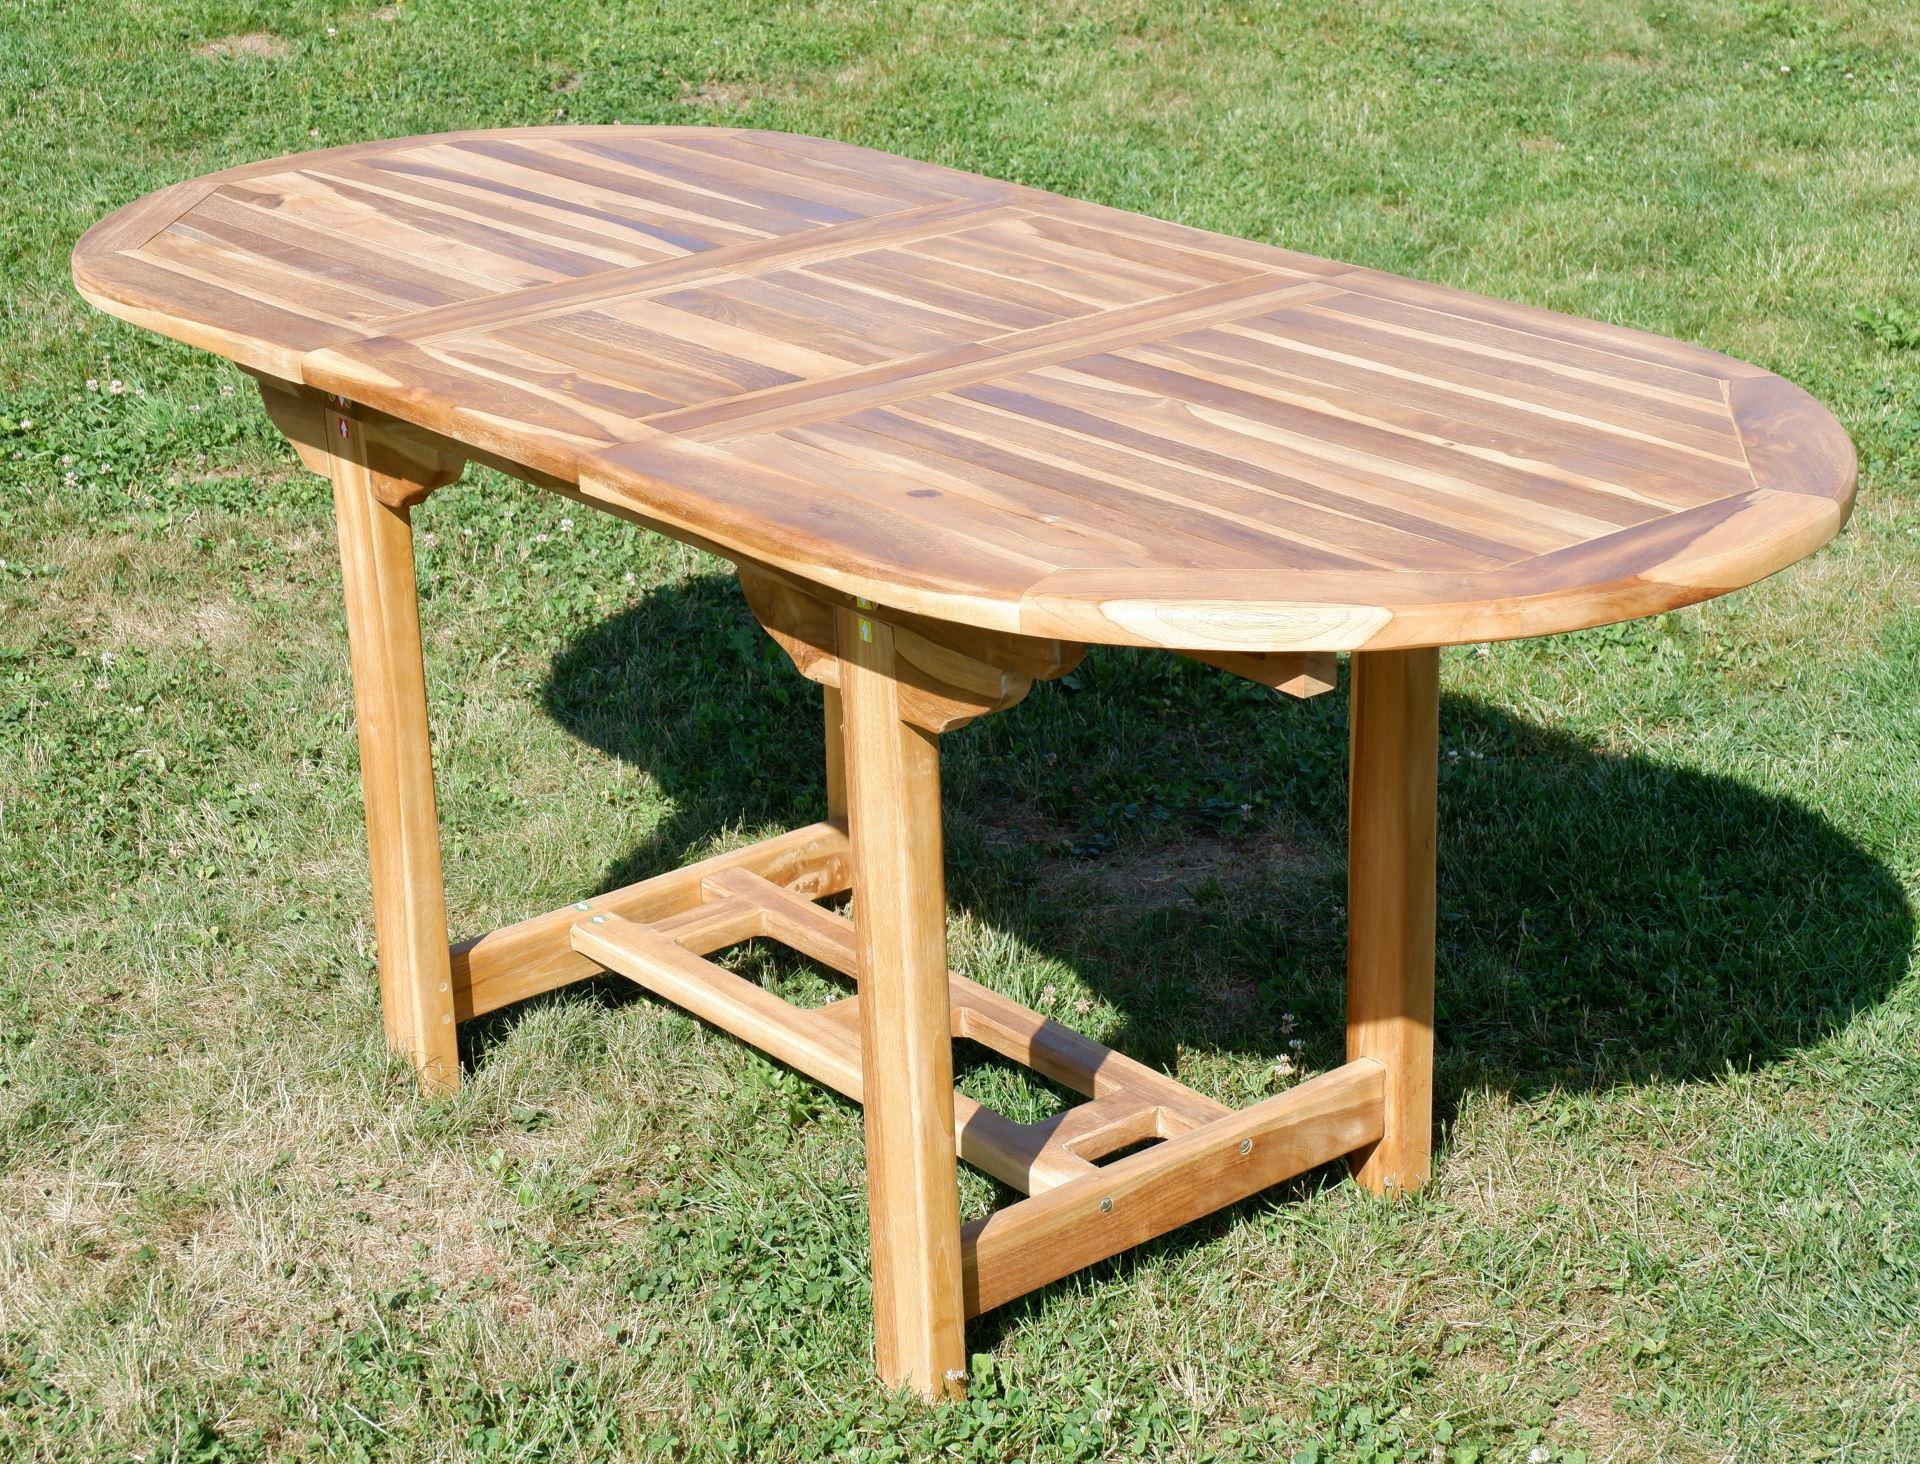 ... Echt TEAK Ausziehtisch 140 180 X 80 Cm Holztisch Gartentisch Tisch  Ausziehbar Holz Mod.